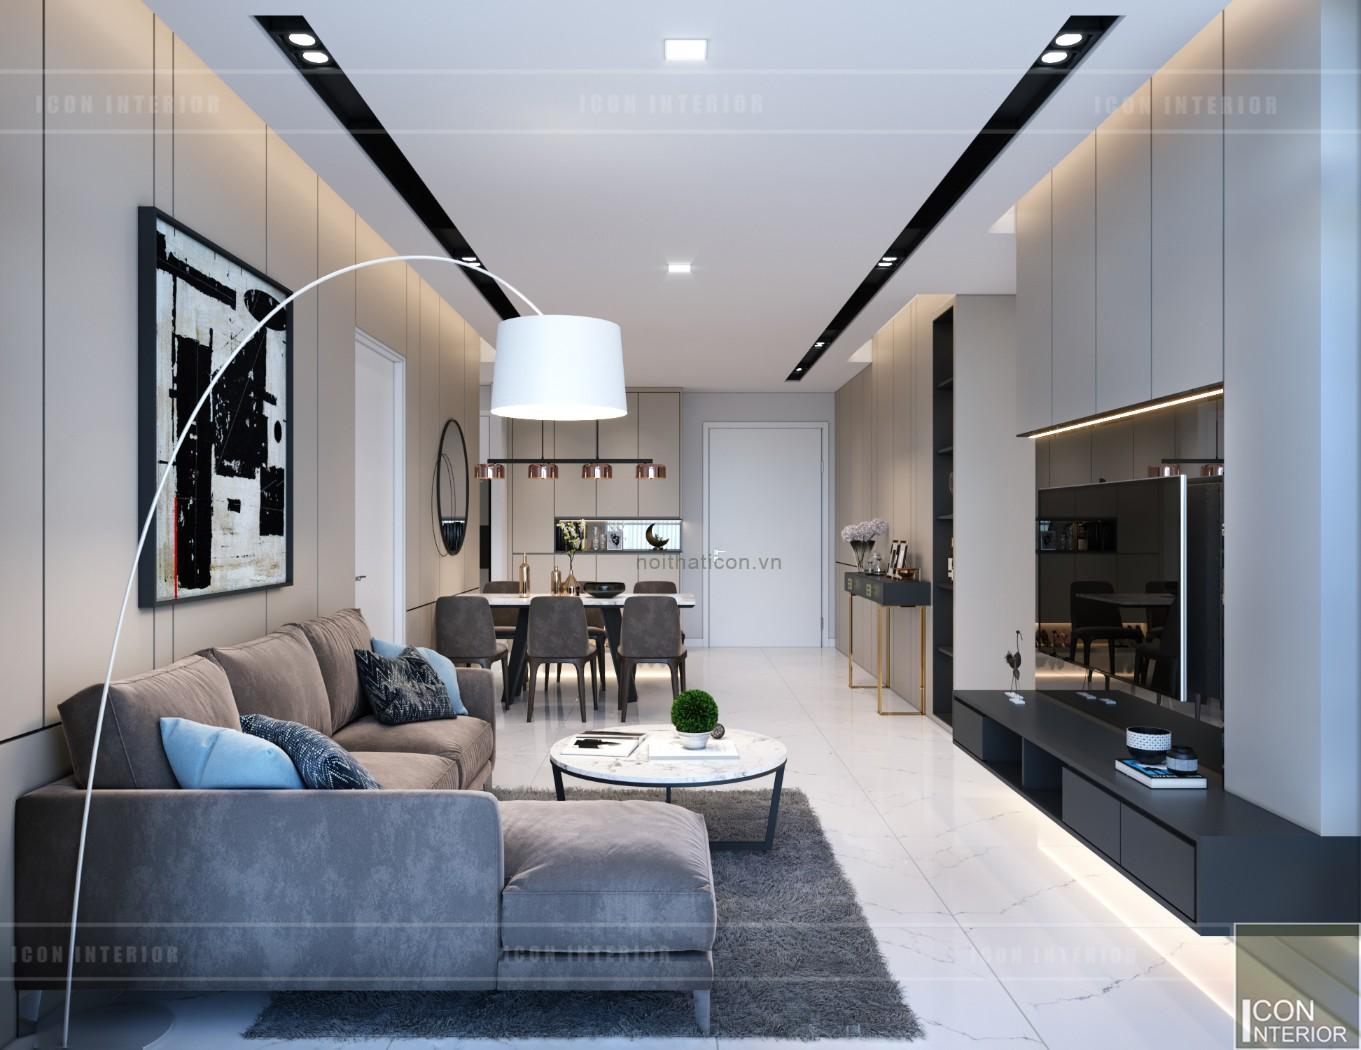 thiết kế nội thất căn hộ chung cư 90m2 - phòng khách bếp